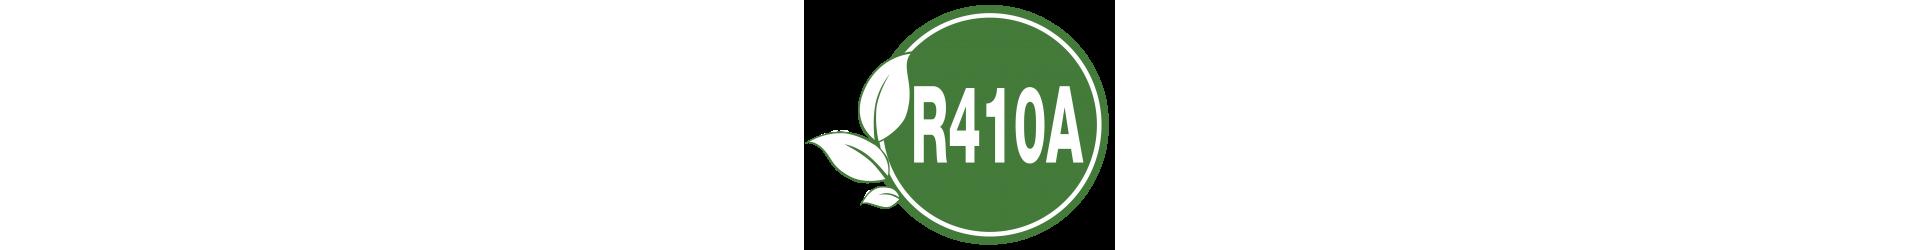 R410A Mitsubishi